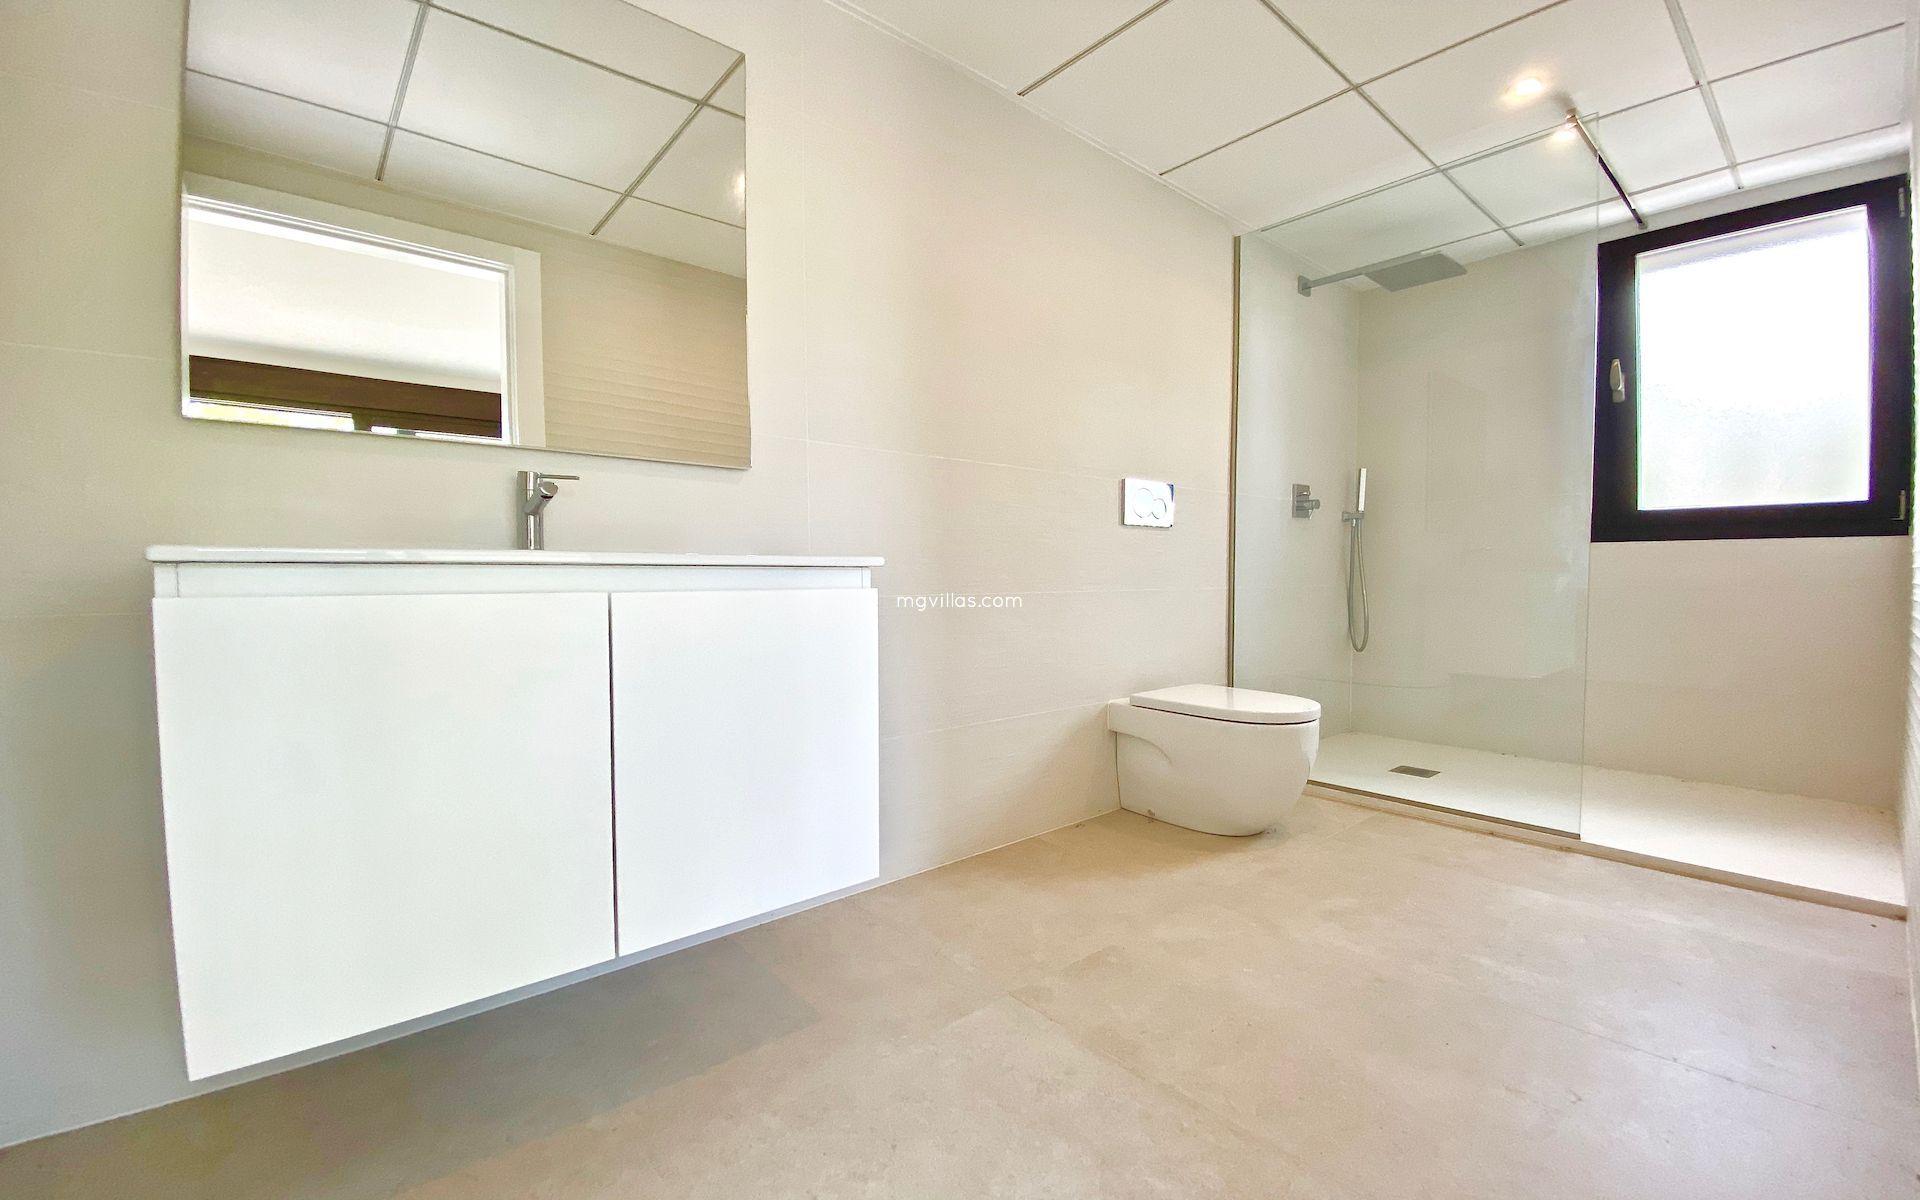 Villa Moderna de Nueva Construcción a la Venta en Javea - Costa Blanca